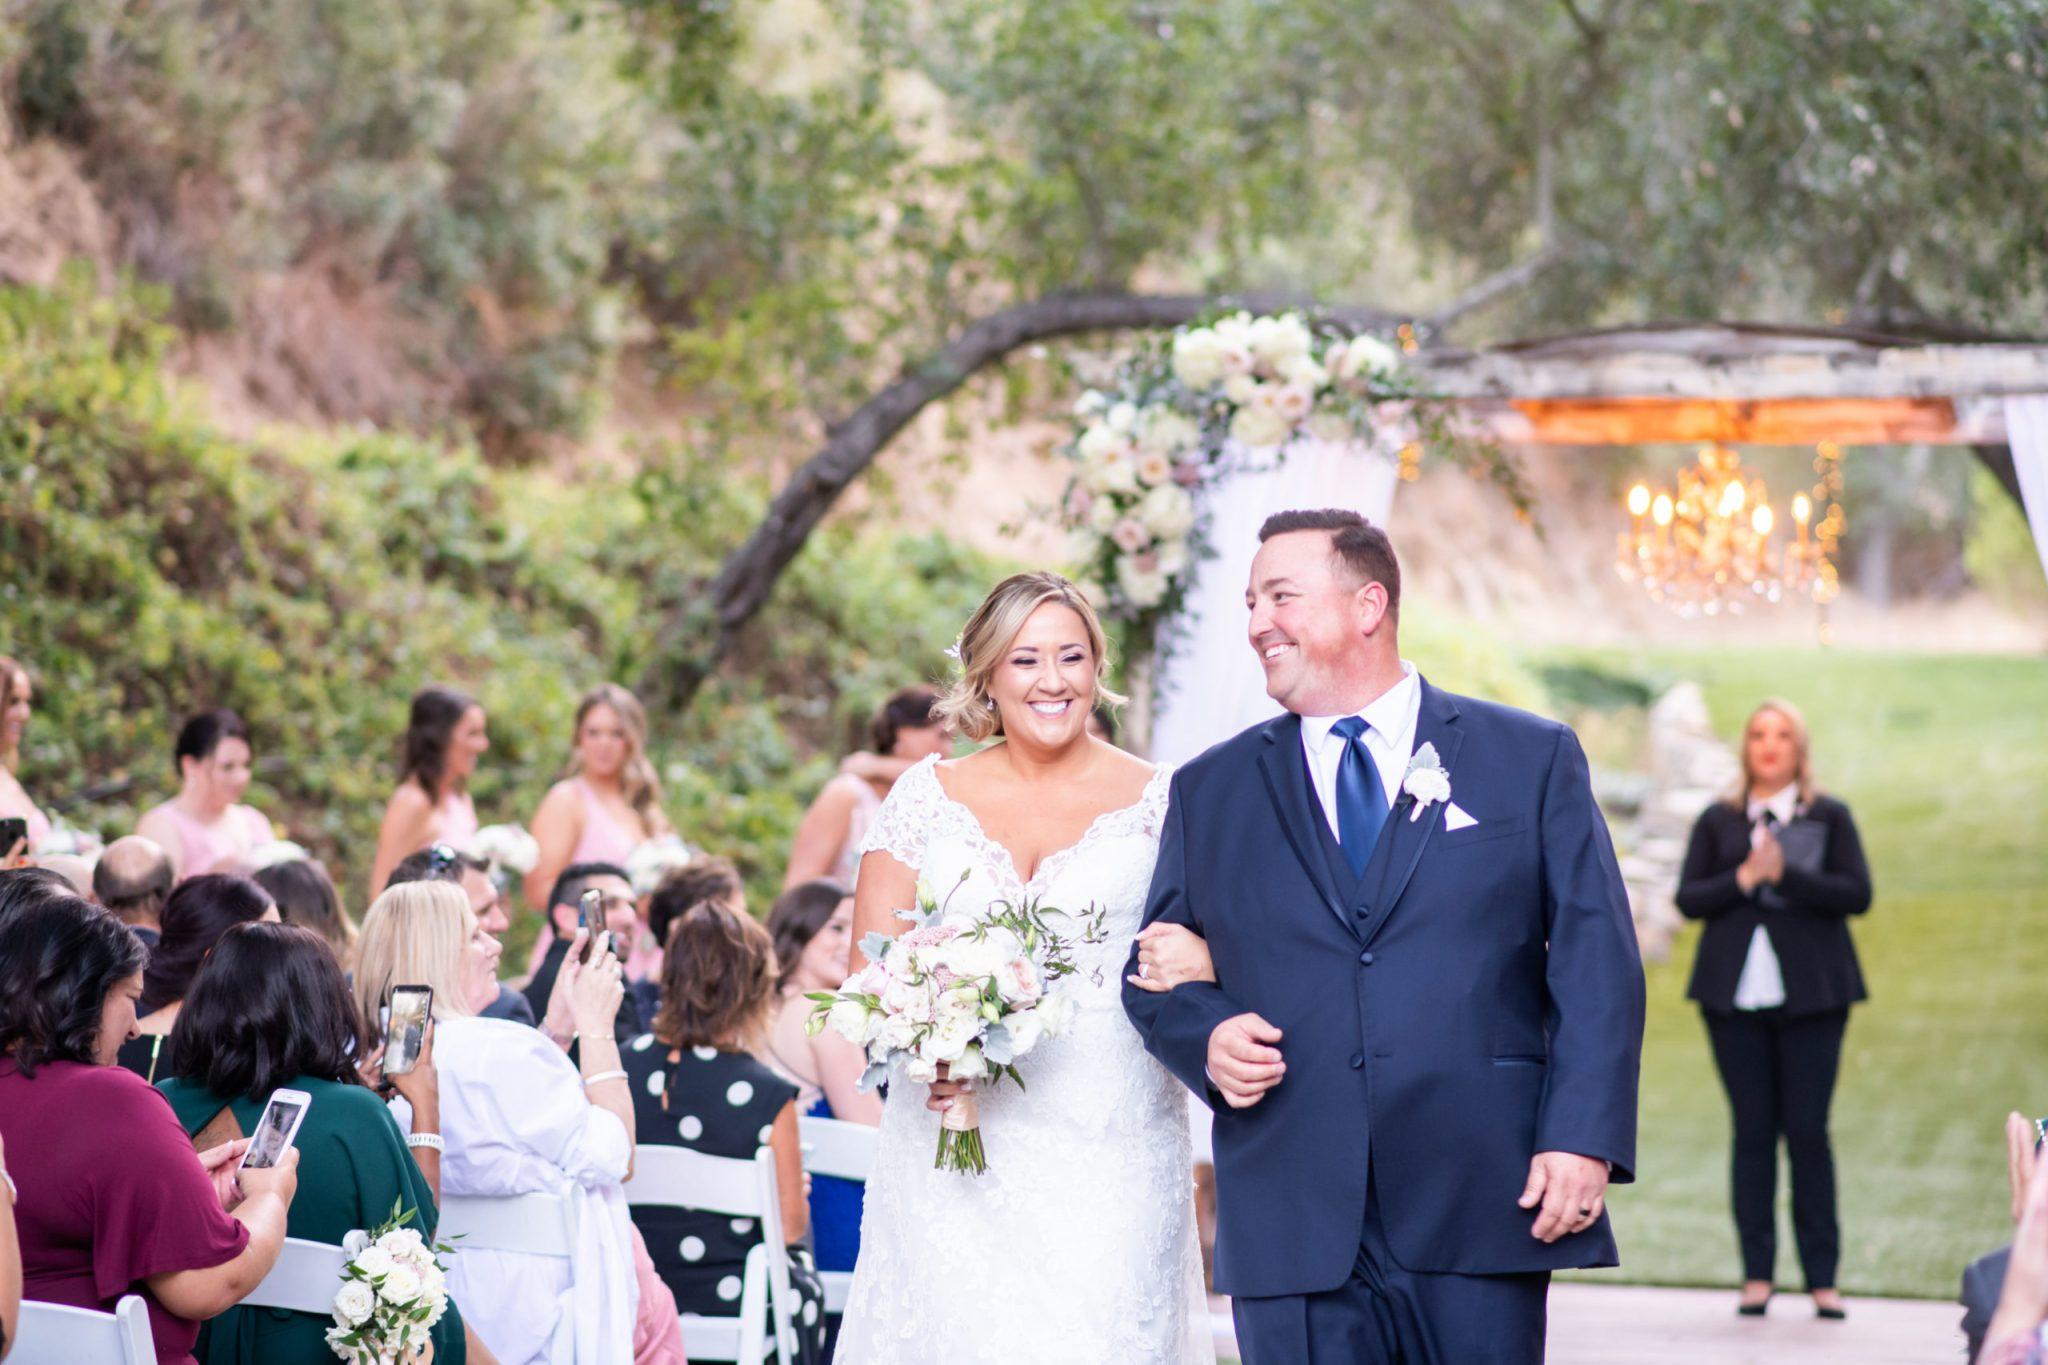 Matt Chrissy Wedding 3201 scaled